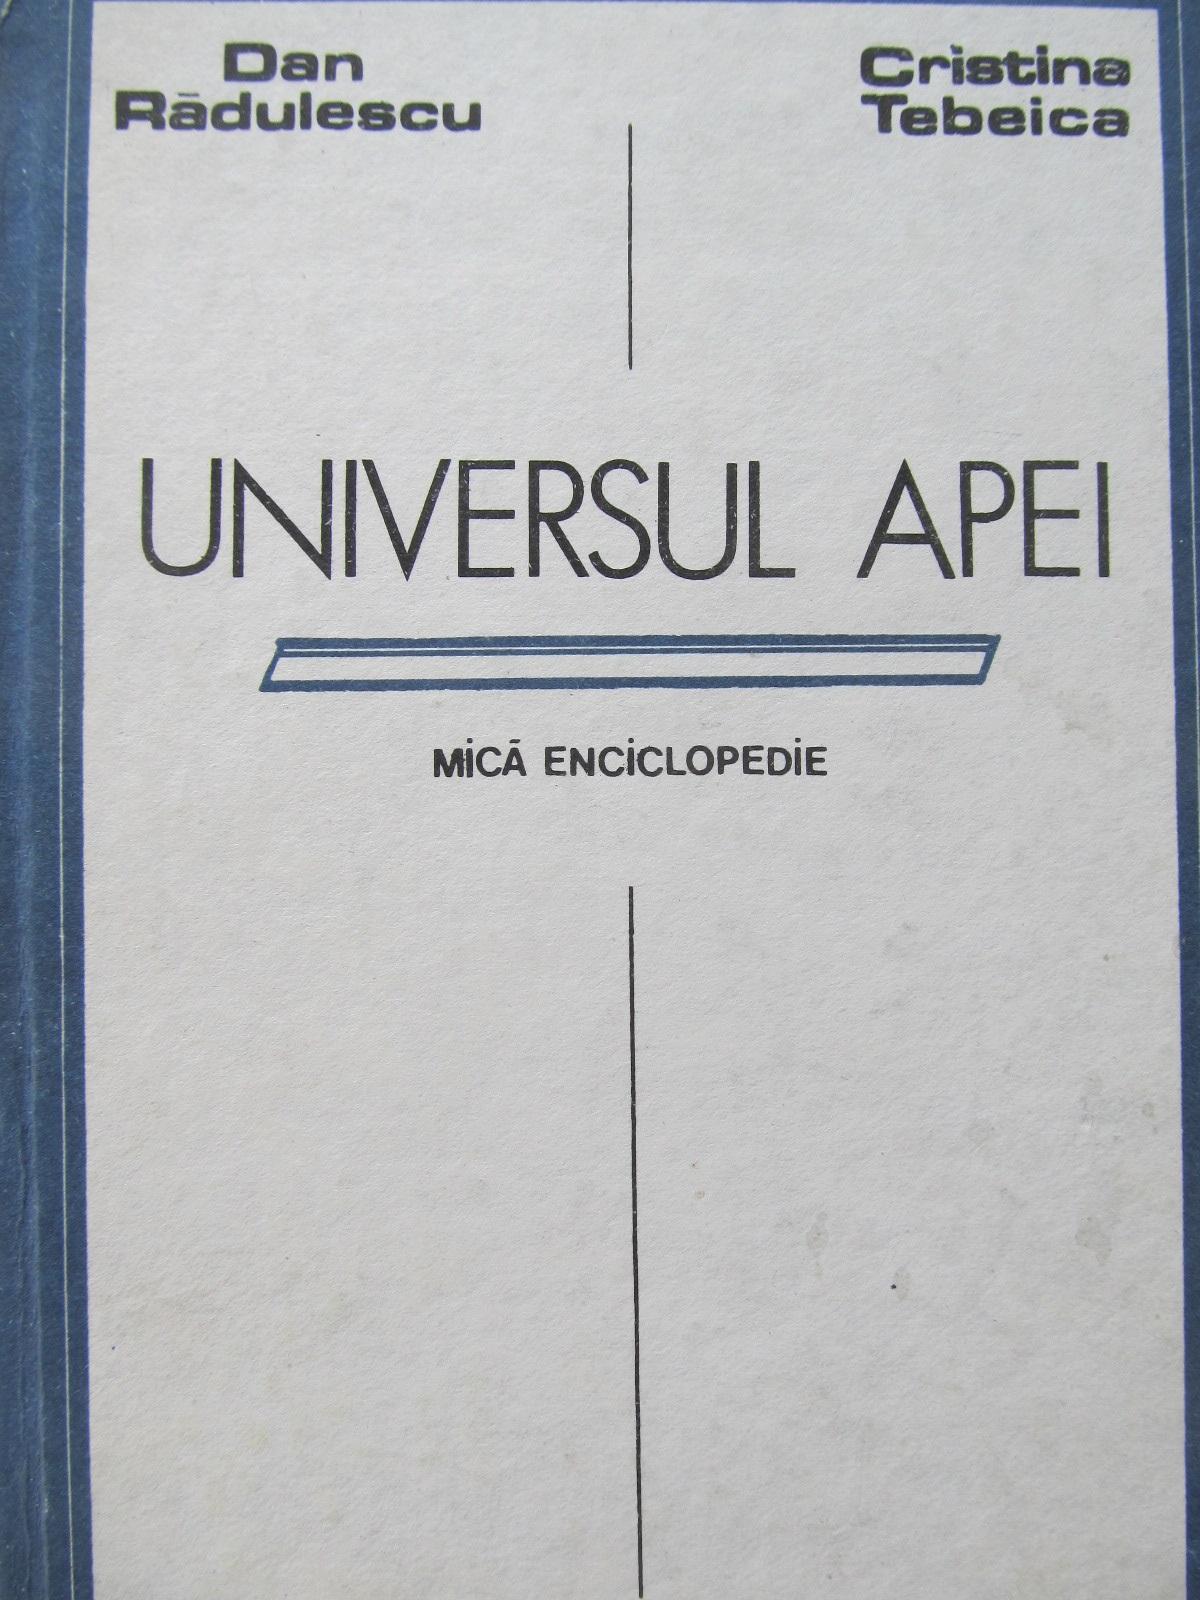 Universul apei - Mica enciclopedie - Dan Radulescu , Cristina Tebeica | Detalii carte